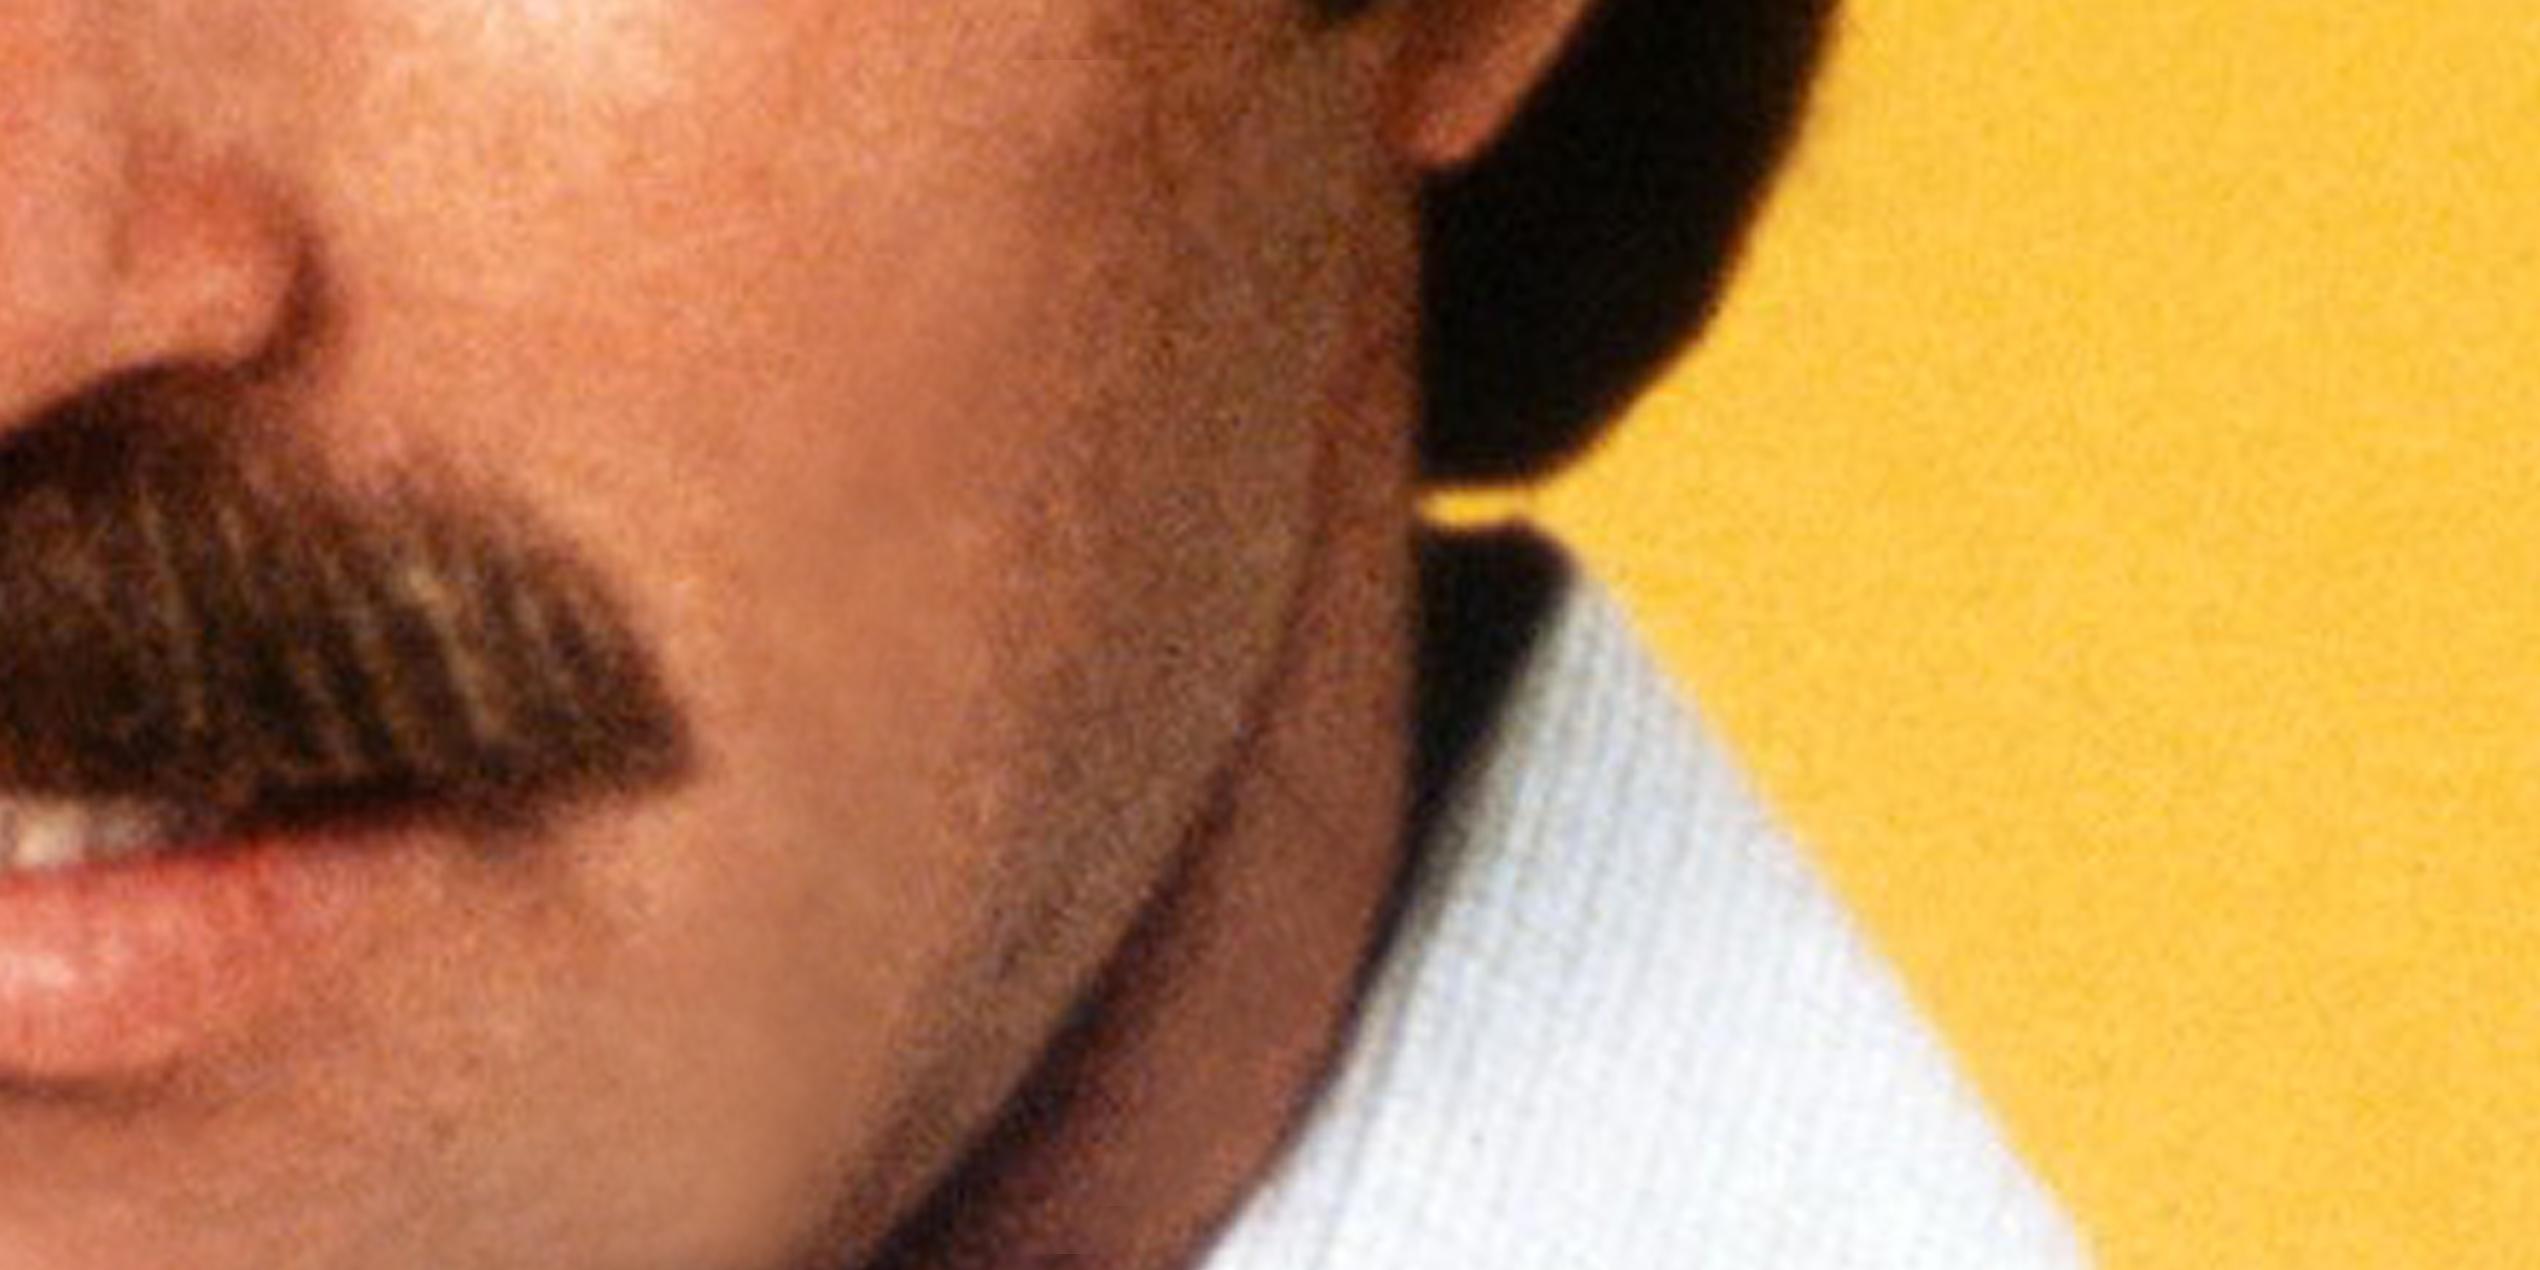 Michael Tolliver